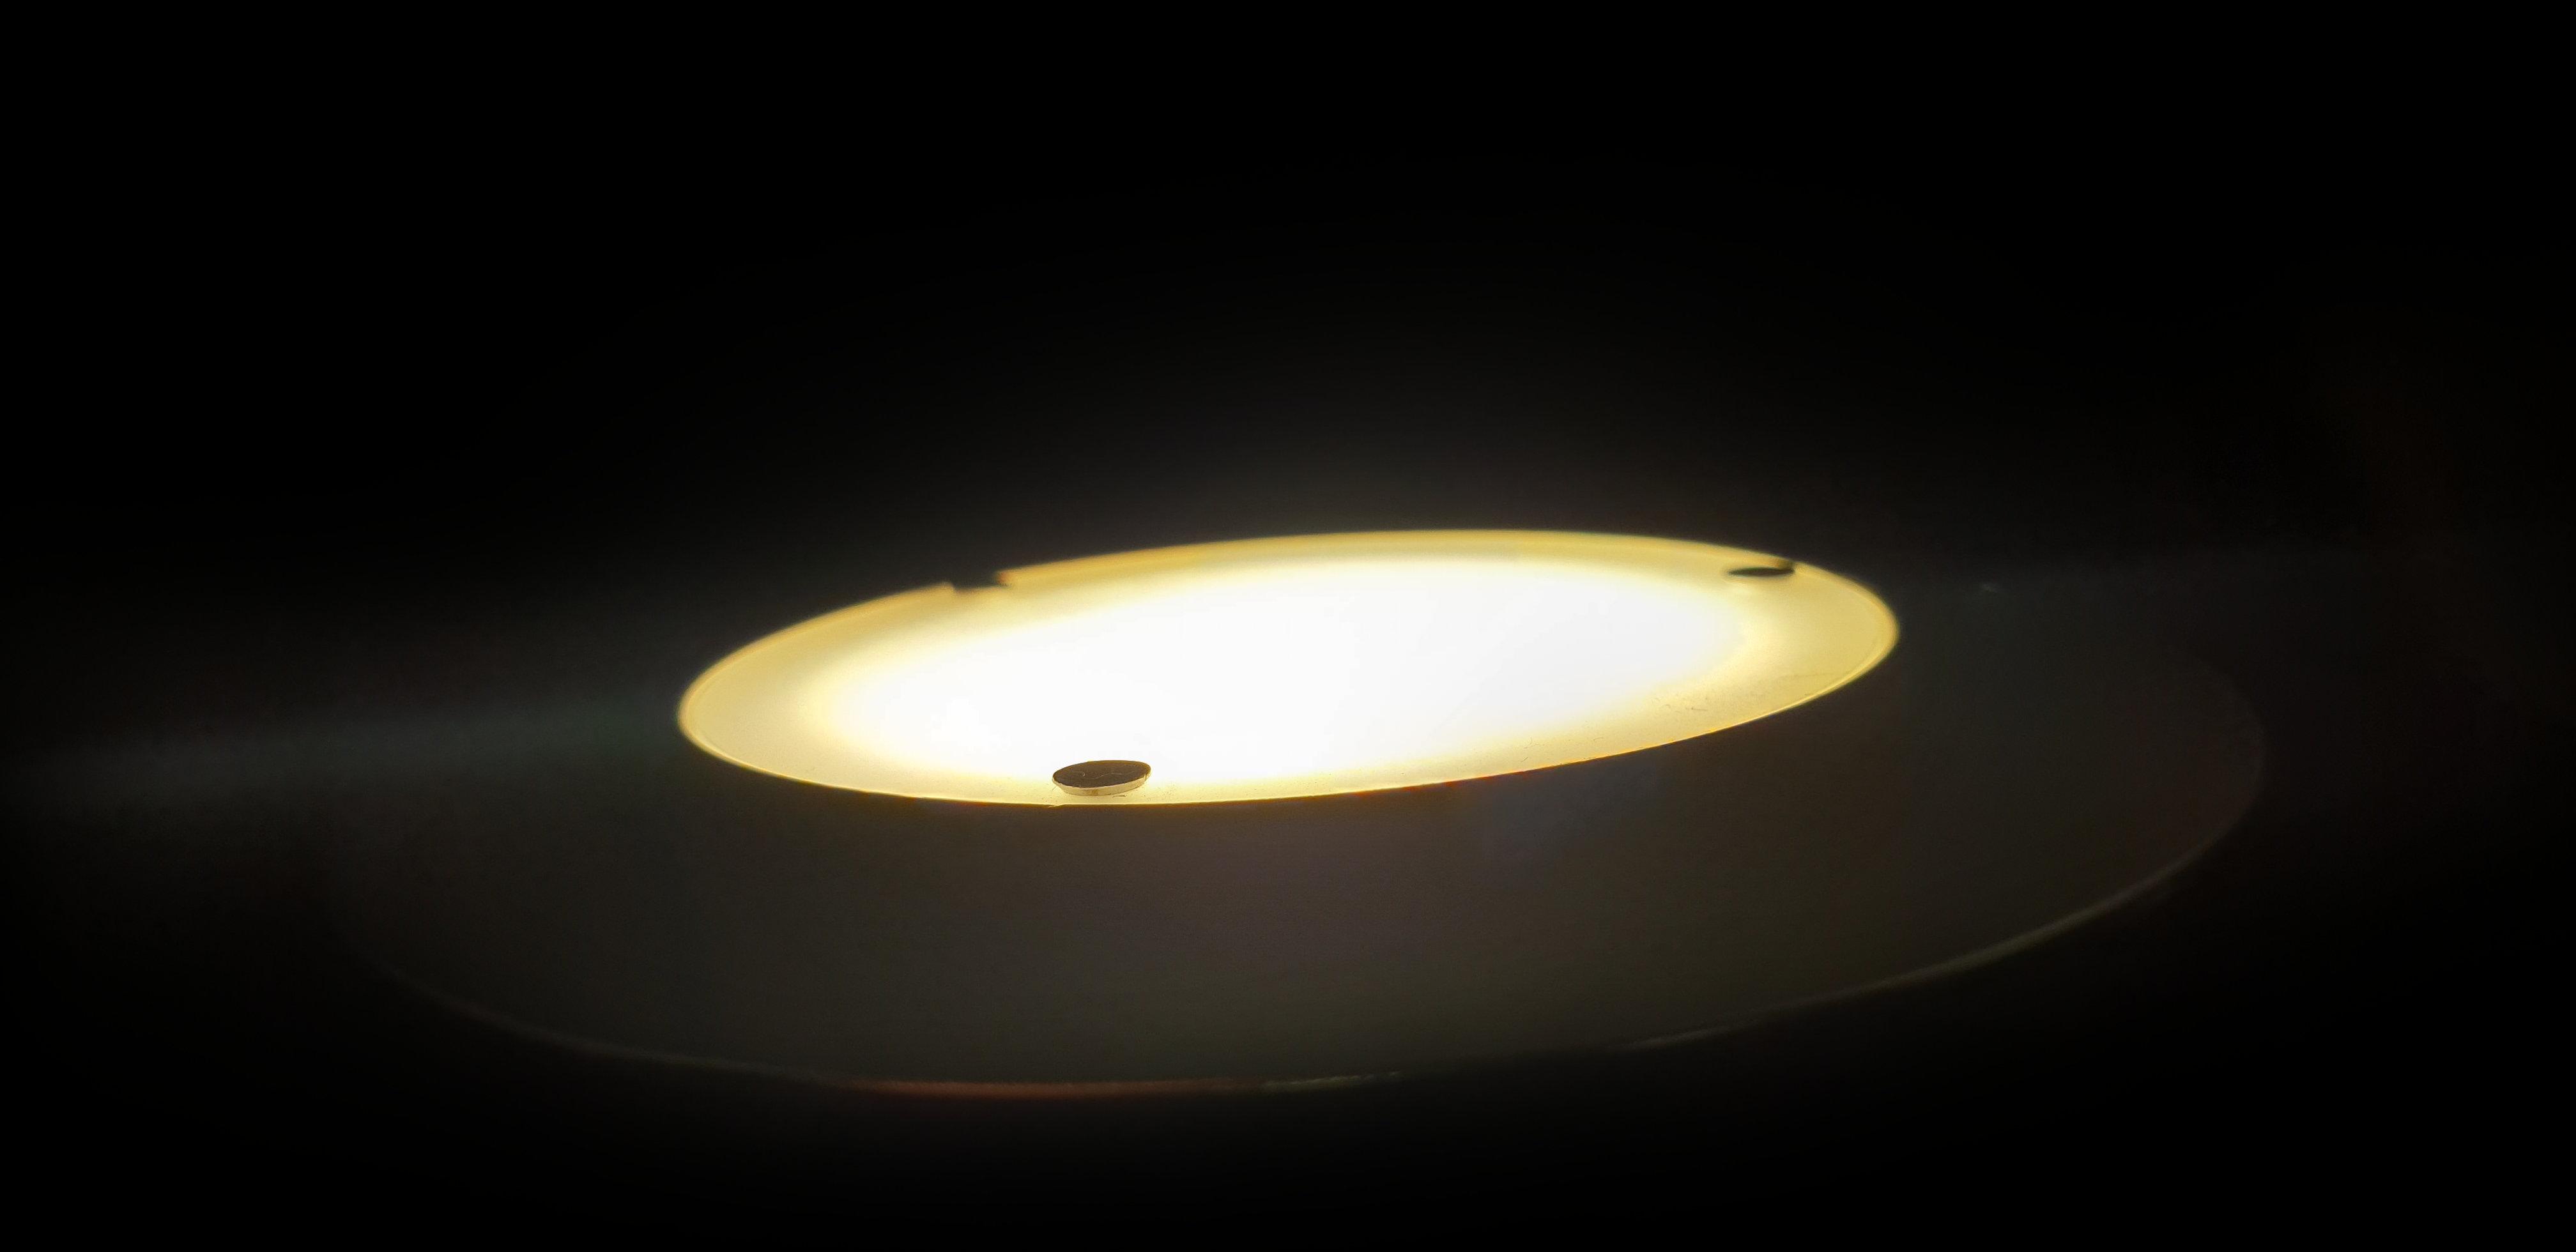 LumiCoin Lampen für den Wohnmobilausbau - Farbe warmweiß